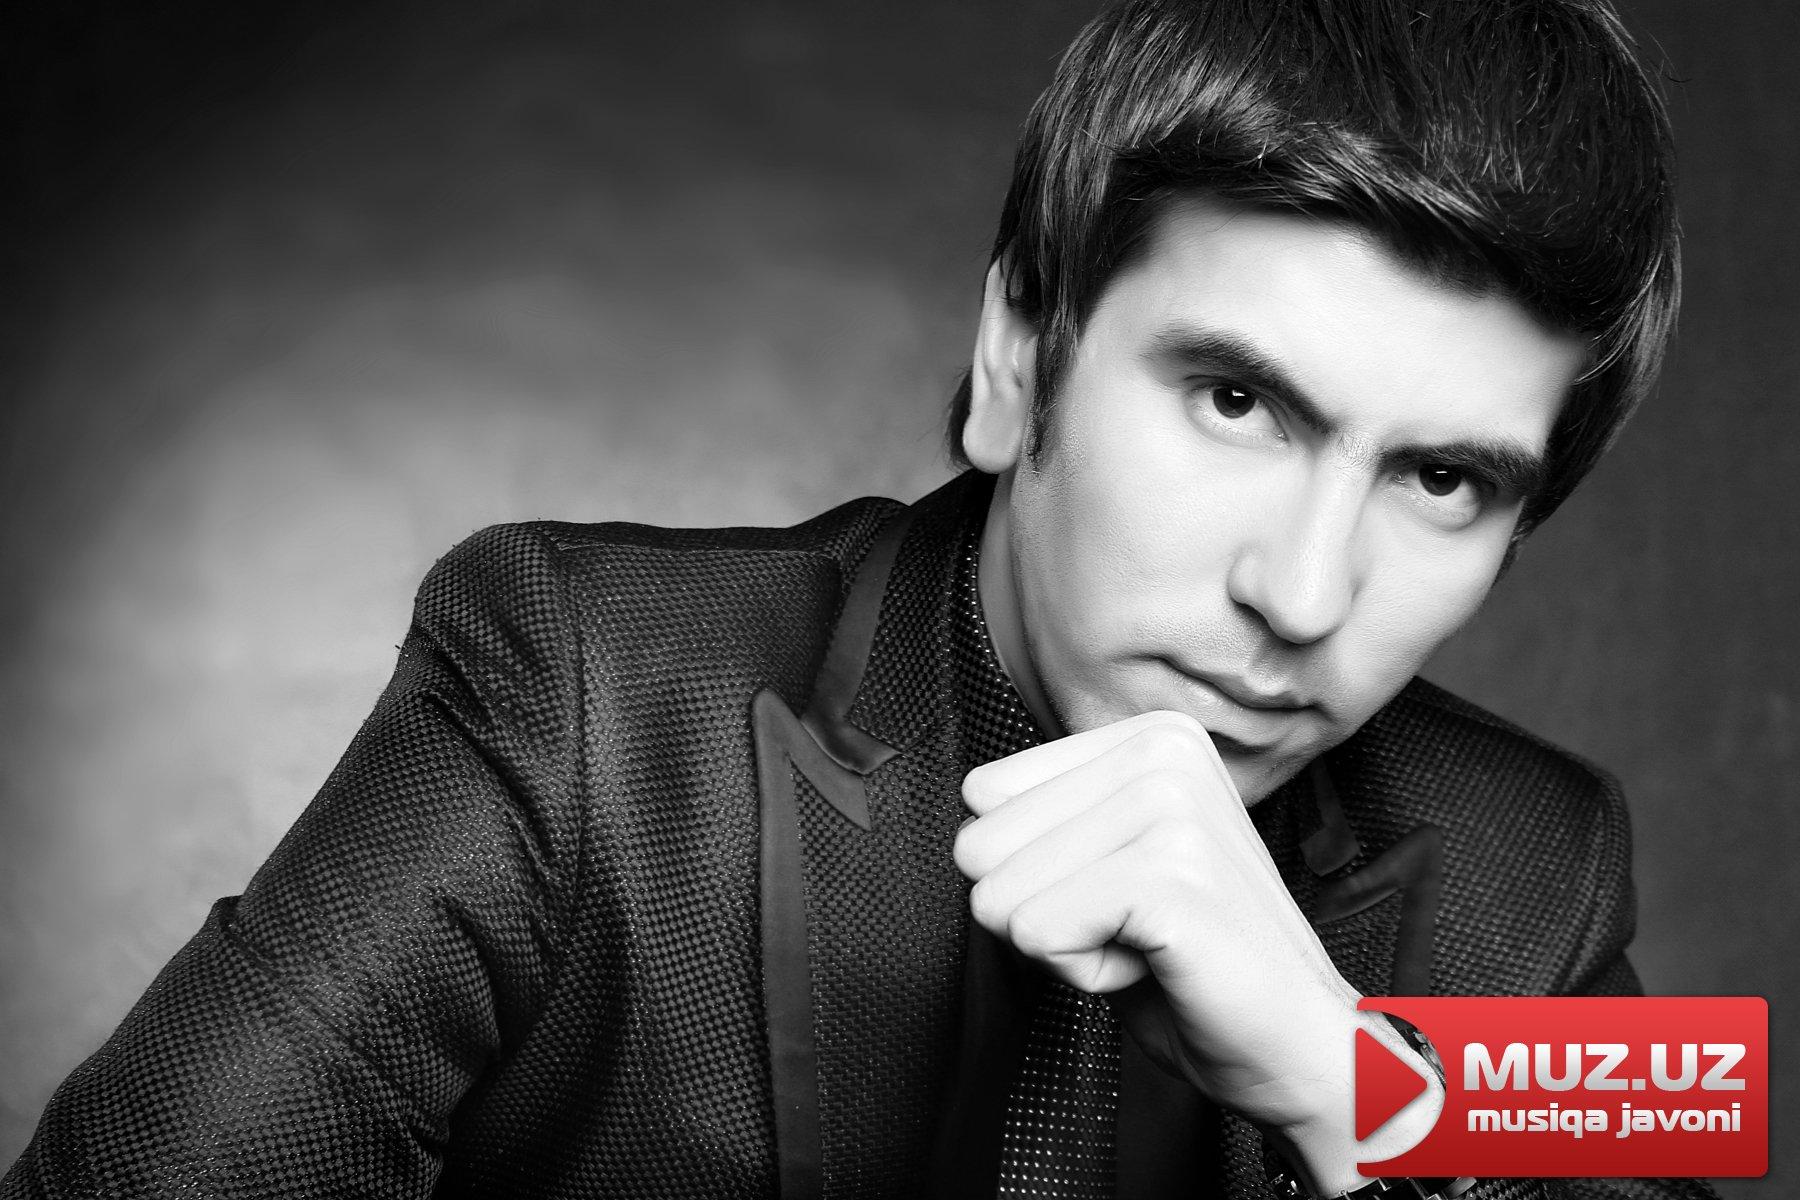 узбекча музикалар 2014 янгилари